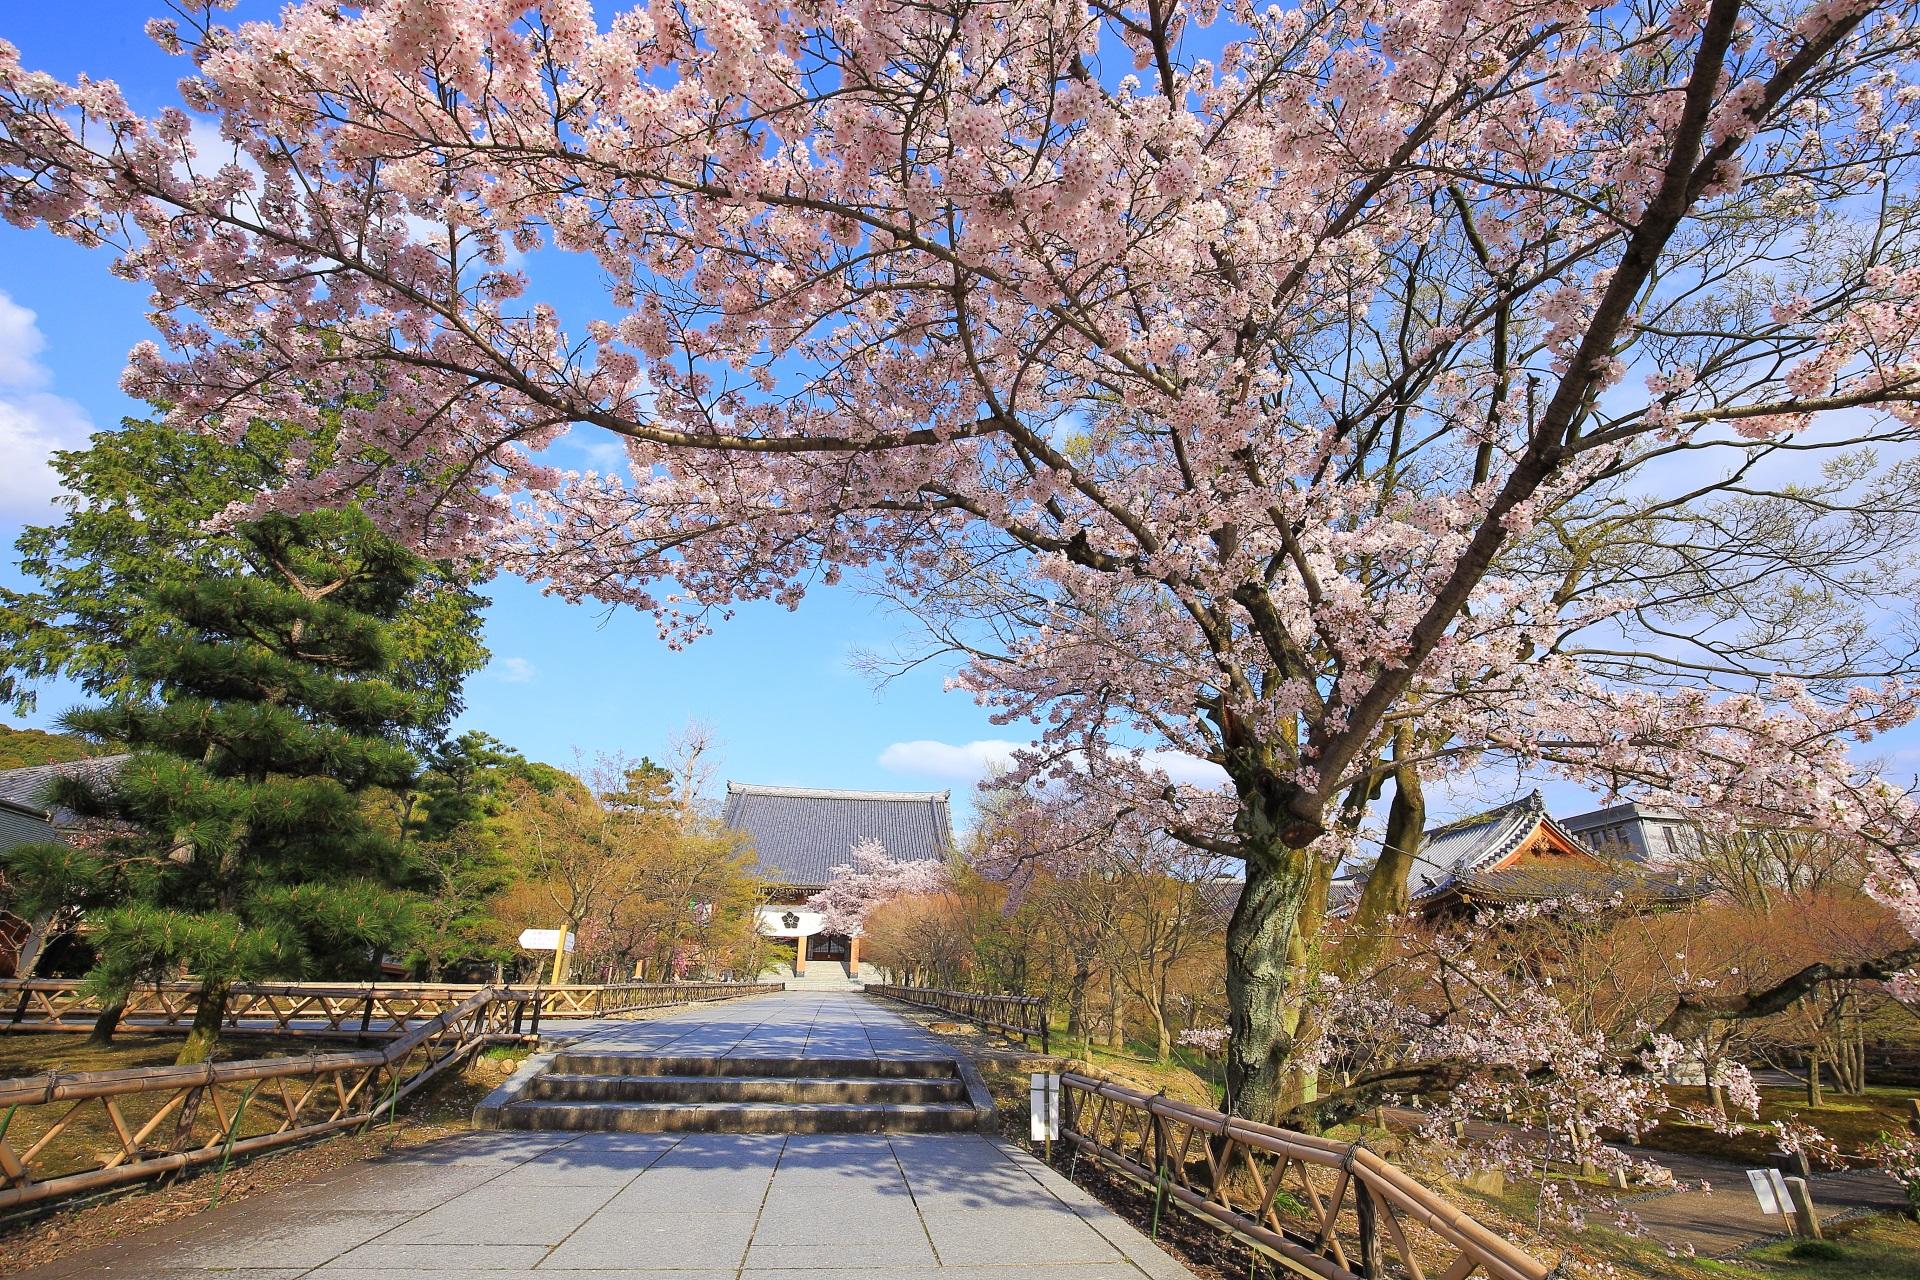 絵になる風景の金堂正面参道の桜